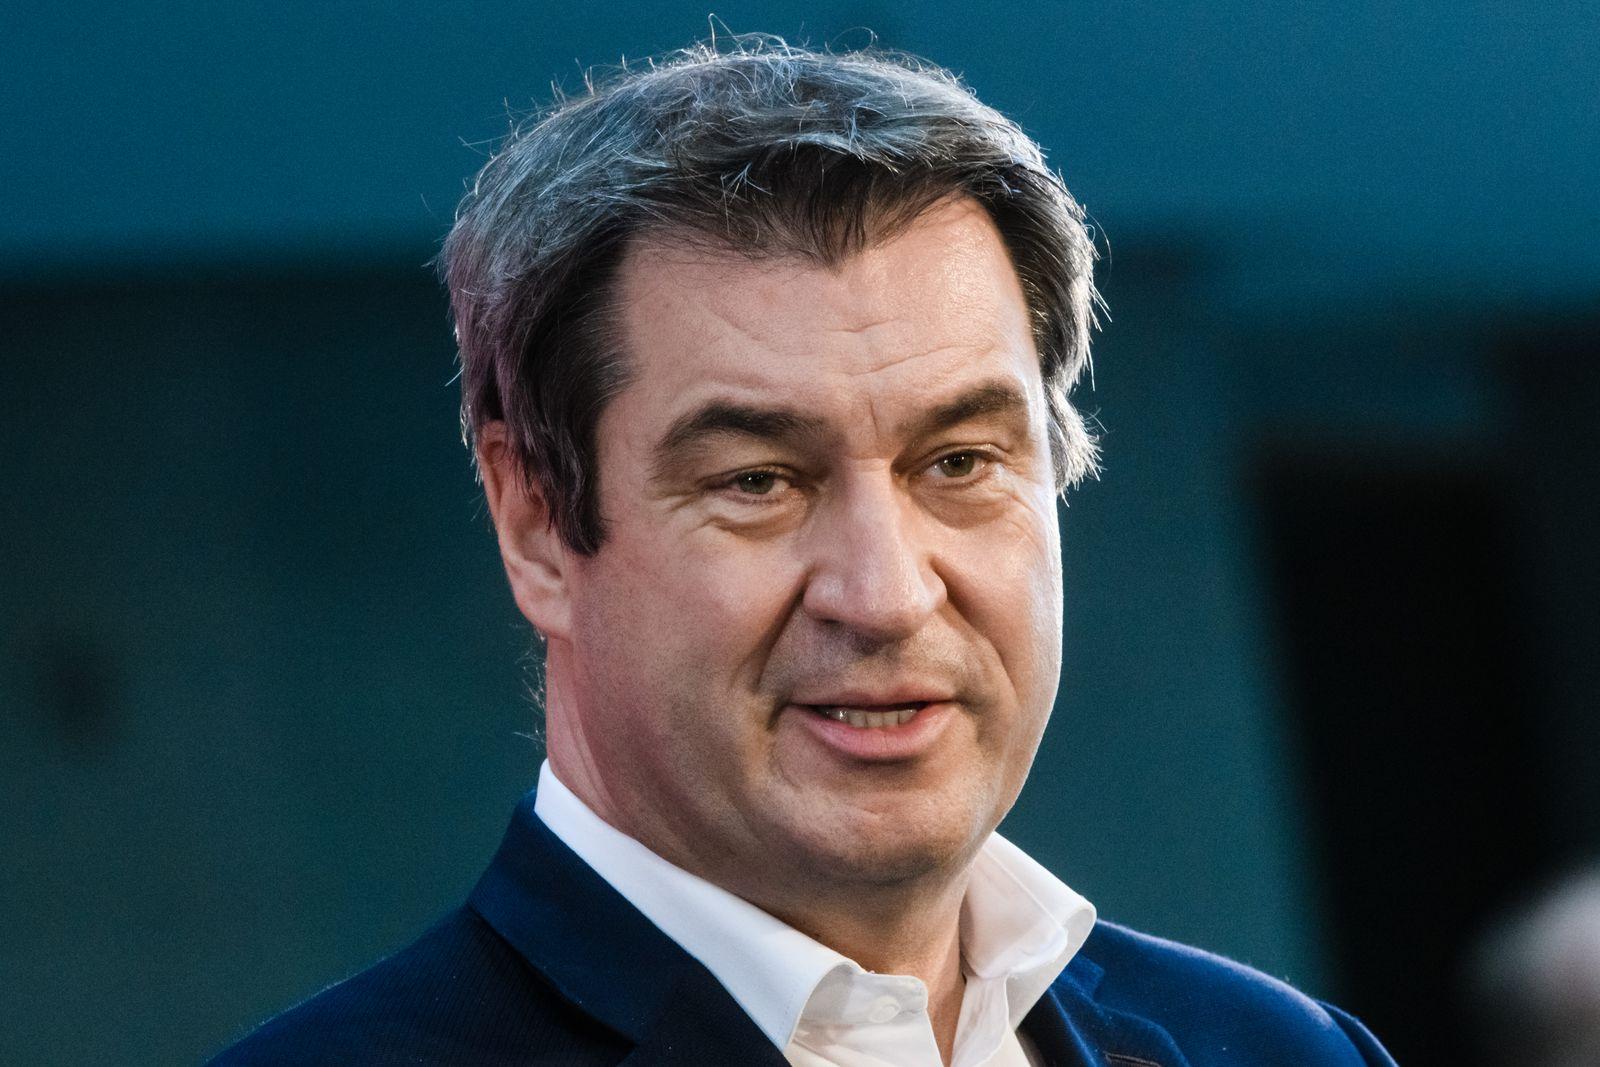 CDU/CSU Meet As Chancellor Candidacy Question Lingers